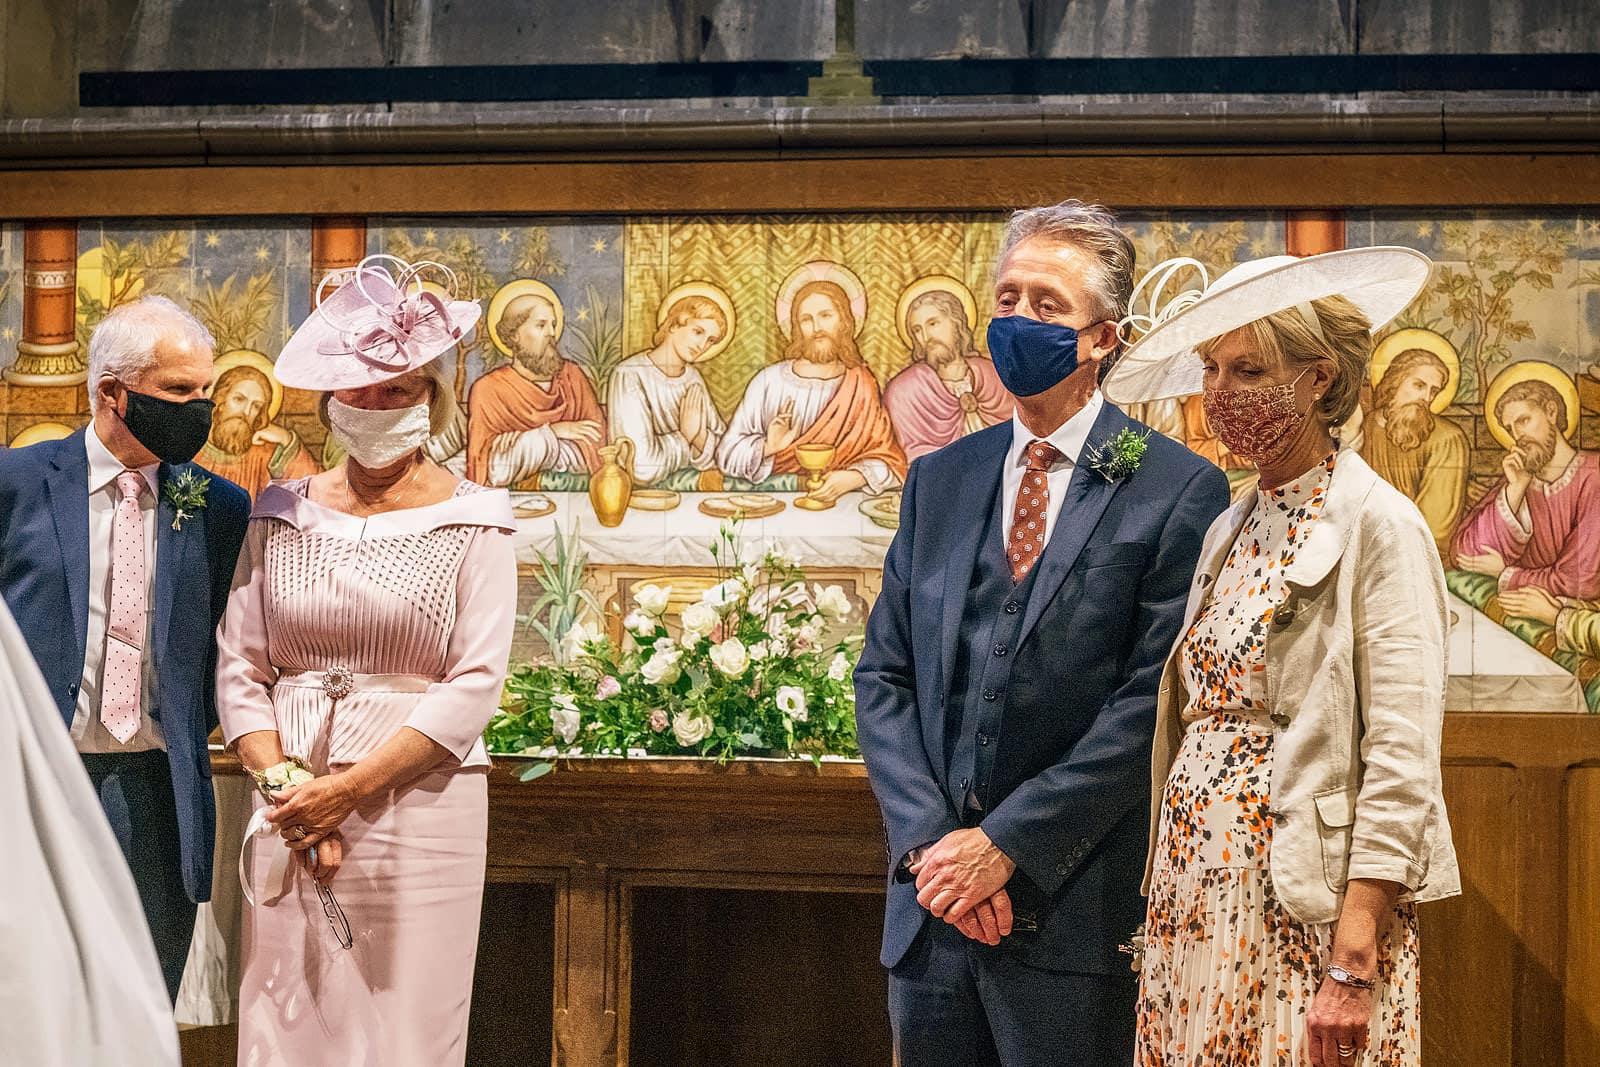 Corona Virus micro wedding